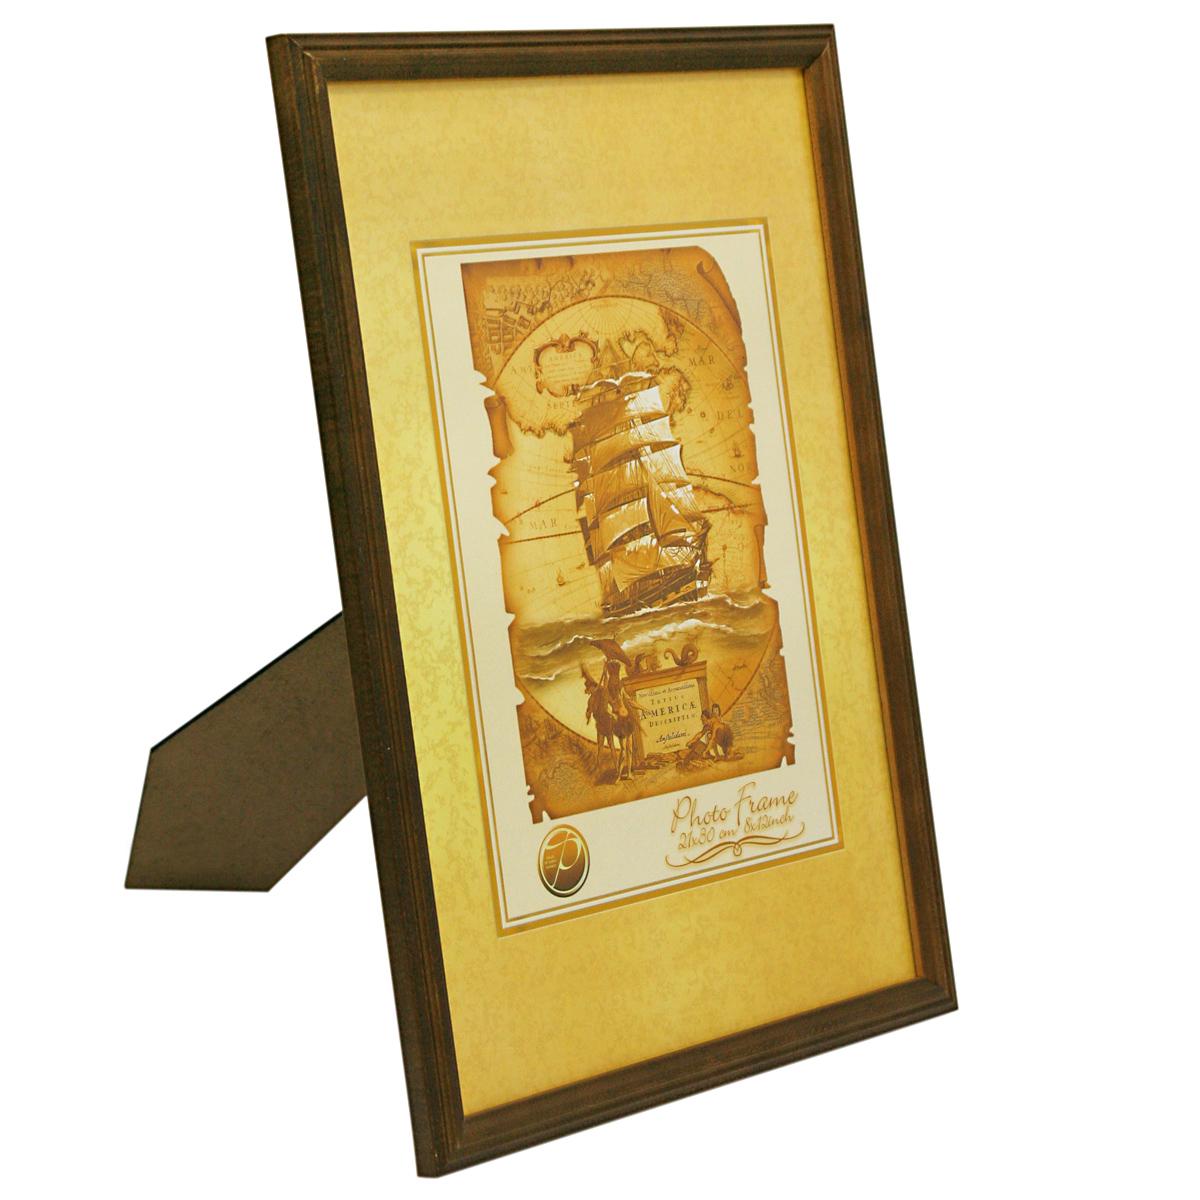 Фоторамка деревянная Veld-Co, цвет: темно-коричневый, 10 х 15 см6268_темно-коричневыйФоторамка Pioneer Nora выполнена из дерева и стекла, защищающего фотографию. Оборотная сторона рамки оснащена специальной ножкой, благодаря которой ее можно поставить на стол или любое другое место в доме или офисе. Также изделие оснащено специальными отверстиями для подвешивания на стену. Такая фоторамка поможет вам оригинально и стильно дополнить интерьер помещения, а также позволит сохранить память о дорогих вам людях и интересных событиях вашей жизни.